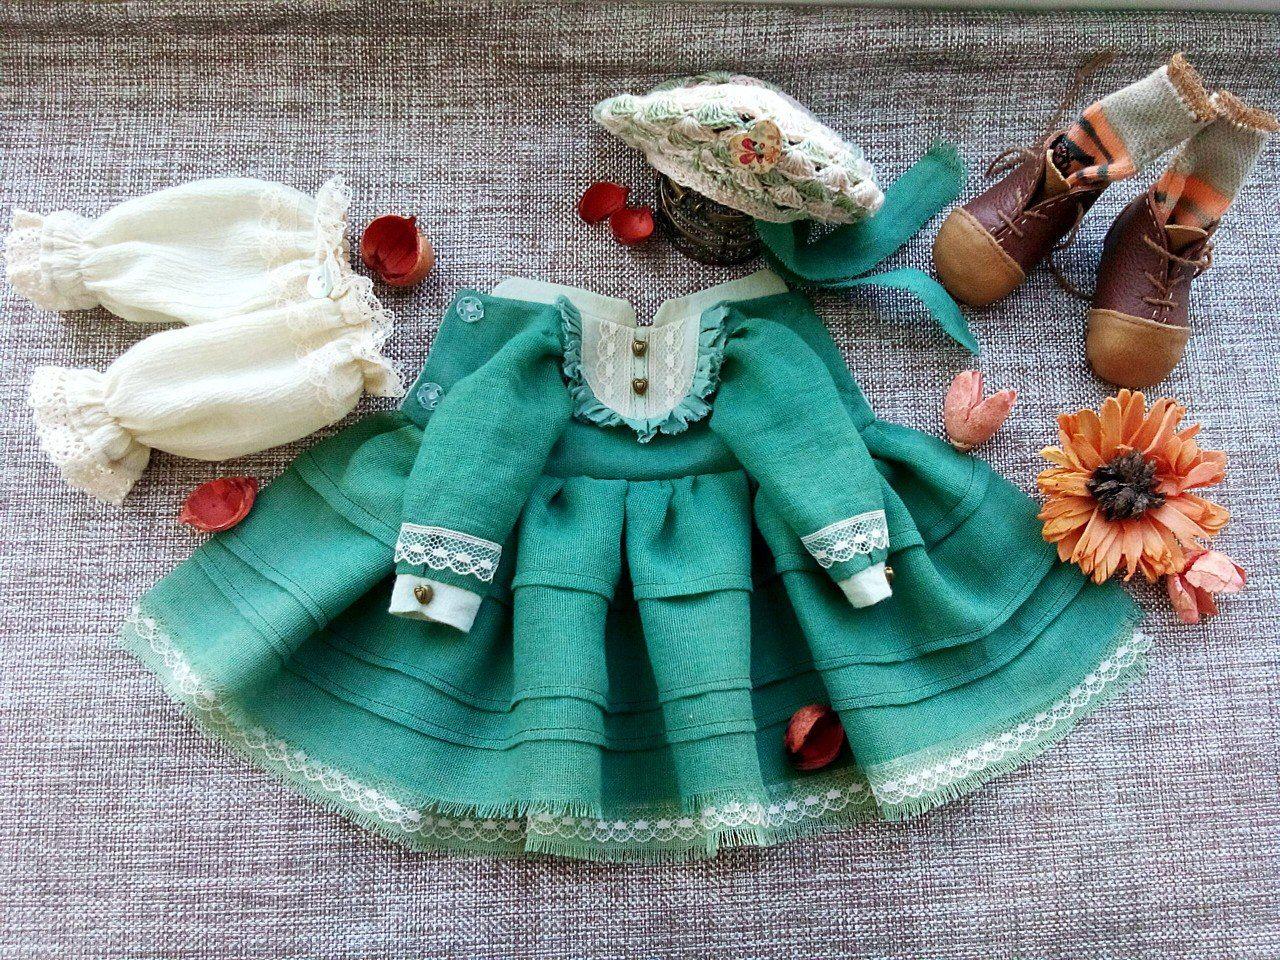 Как сшить одежду для куклы барби своими руками легко быстро, видео | выкройки одежды для барби, красивая модная одежда для кукол